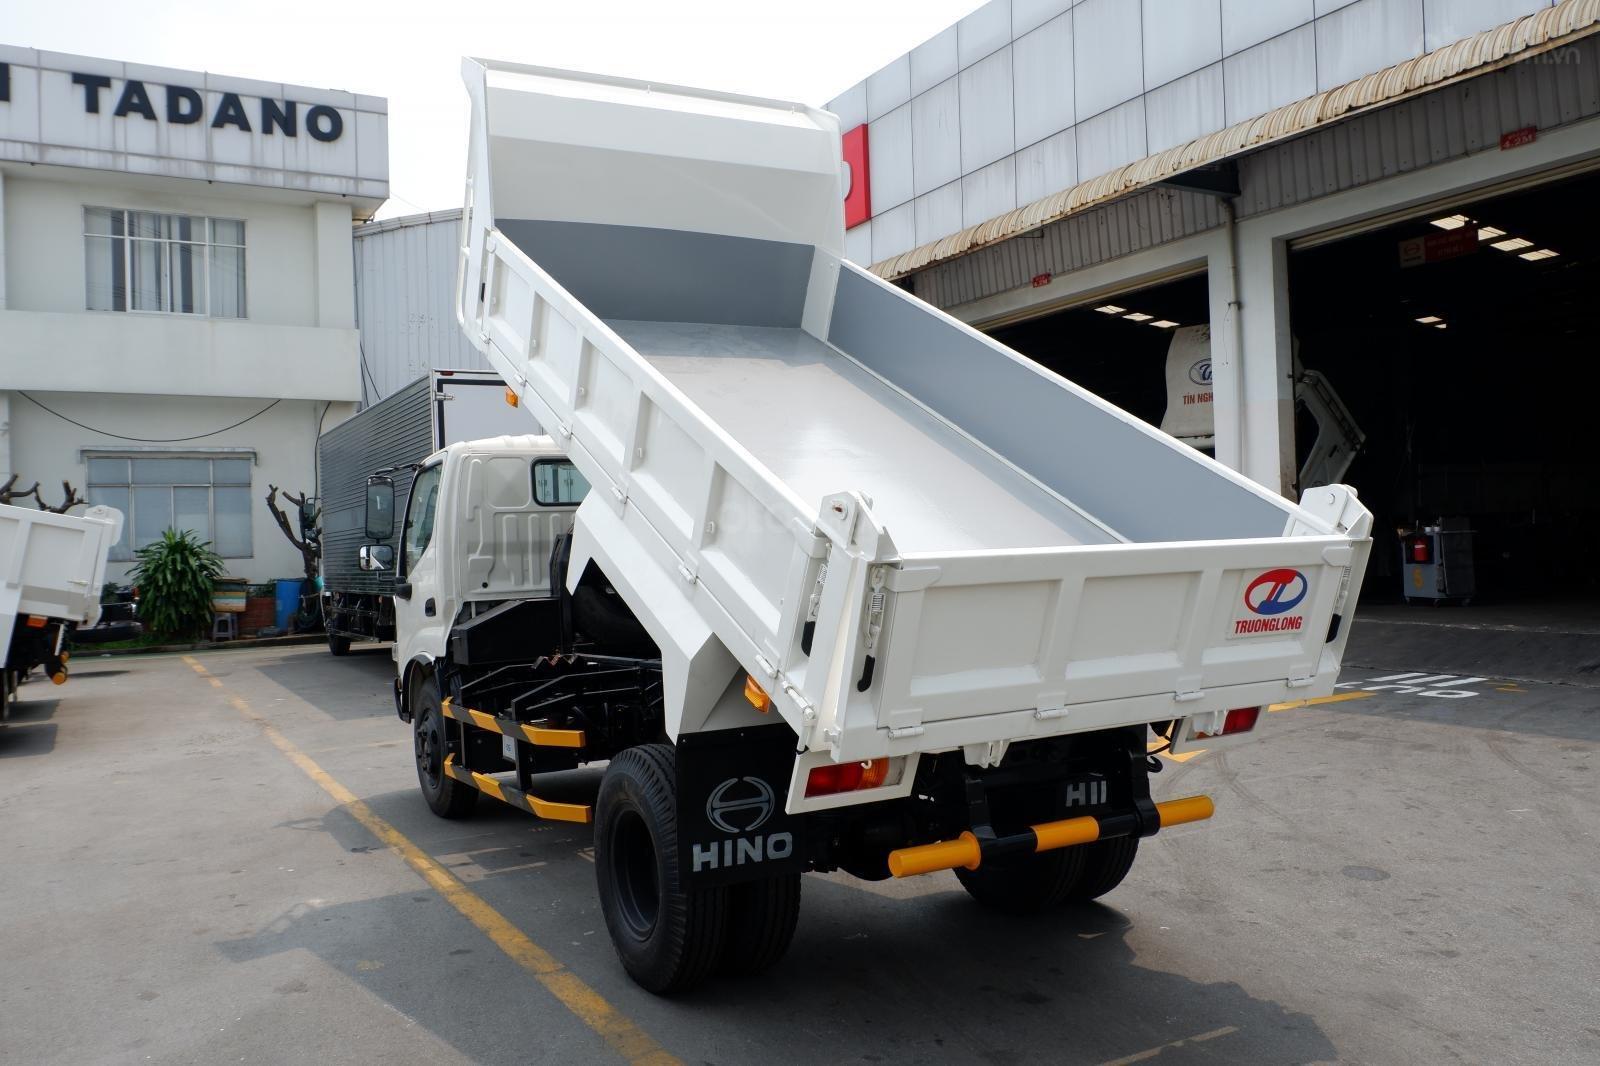 Xe Ben Hino 3 tấn 5, vay 80% LS thấp, thùng 2 khối 8, ben nâng Shinmaywa, tải hàng 3.490Kg kèm nhiều ưu đãi (2)